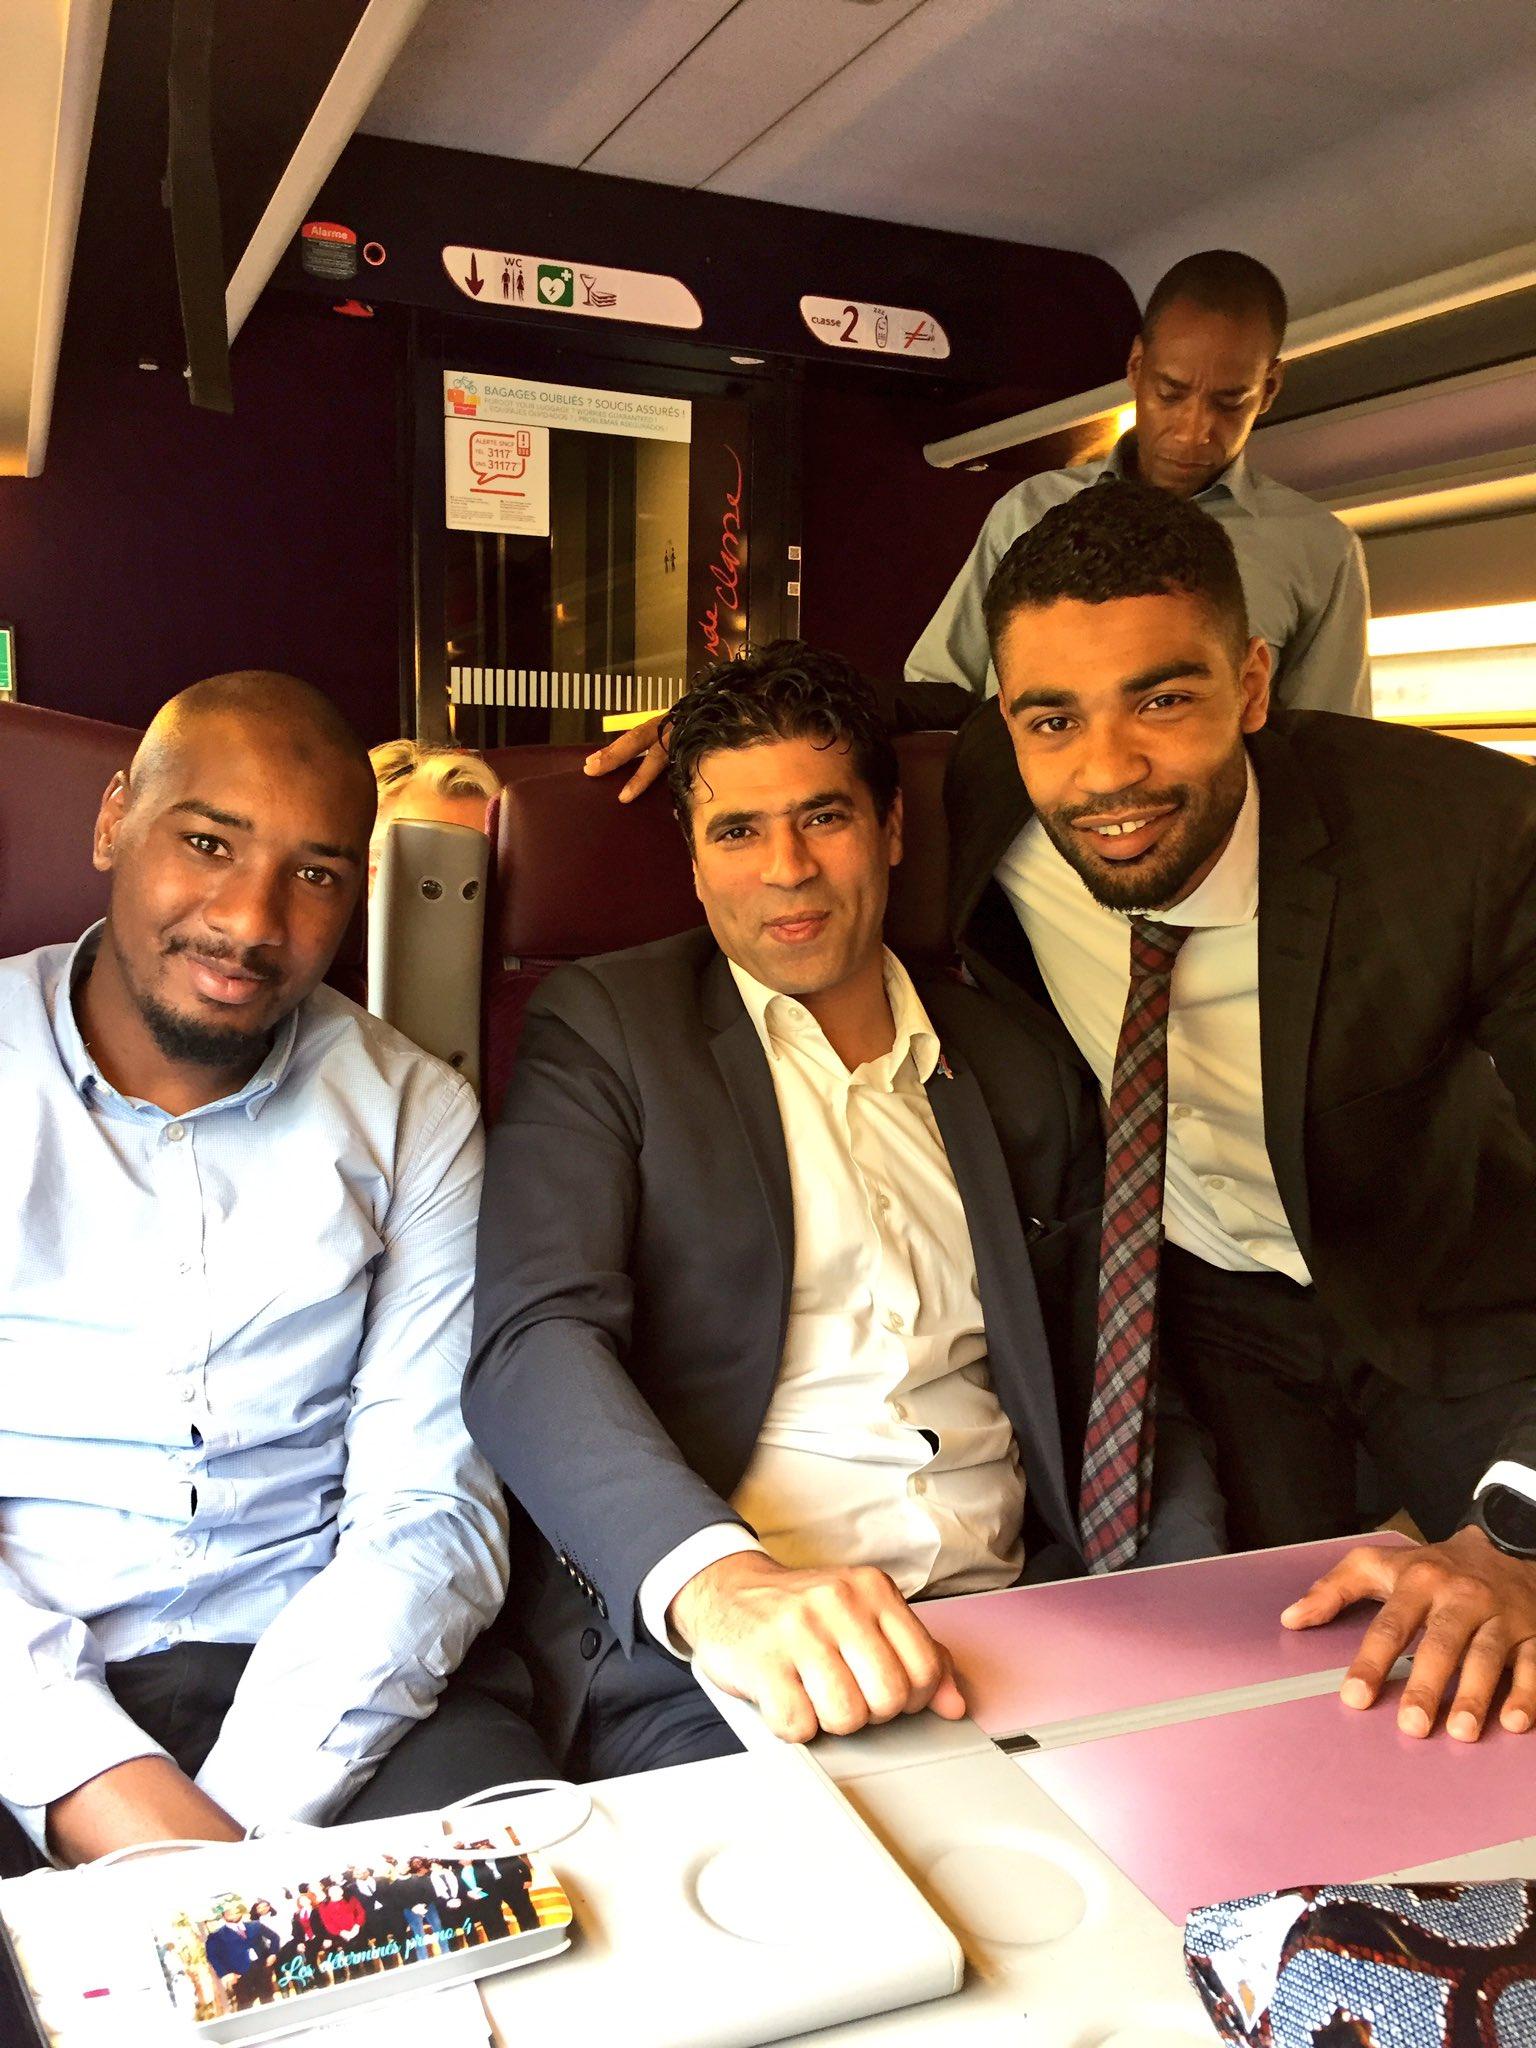 Direction Nantes pour #citescap avec l'équipe de feu @mousscama @bourimech @AhmedBouzouaid | @resovilles https://t.co/iElFkewX1D